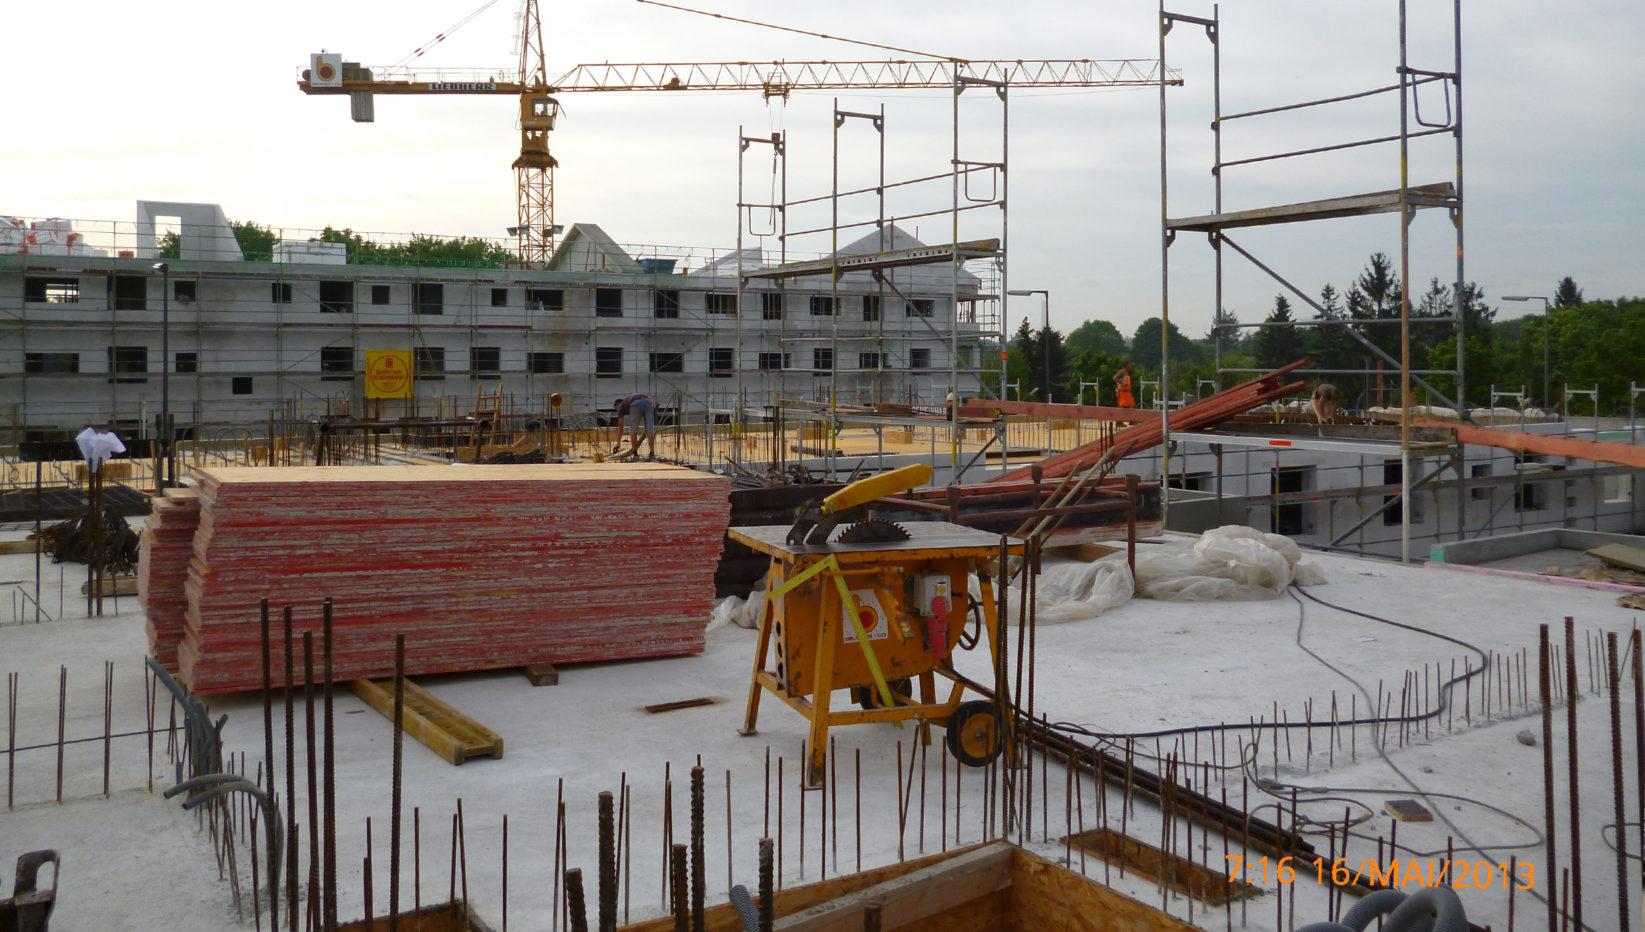 Aufnahme mit Blick auf Bauteil 40 des Rohbaus der Wohnanlage in München Harthof, davor stehen Baumaterialien und Baugerüste.